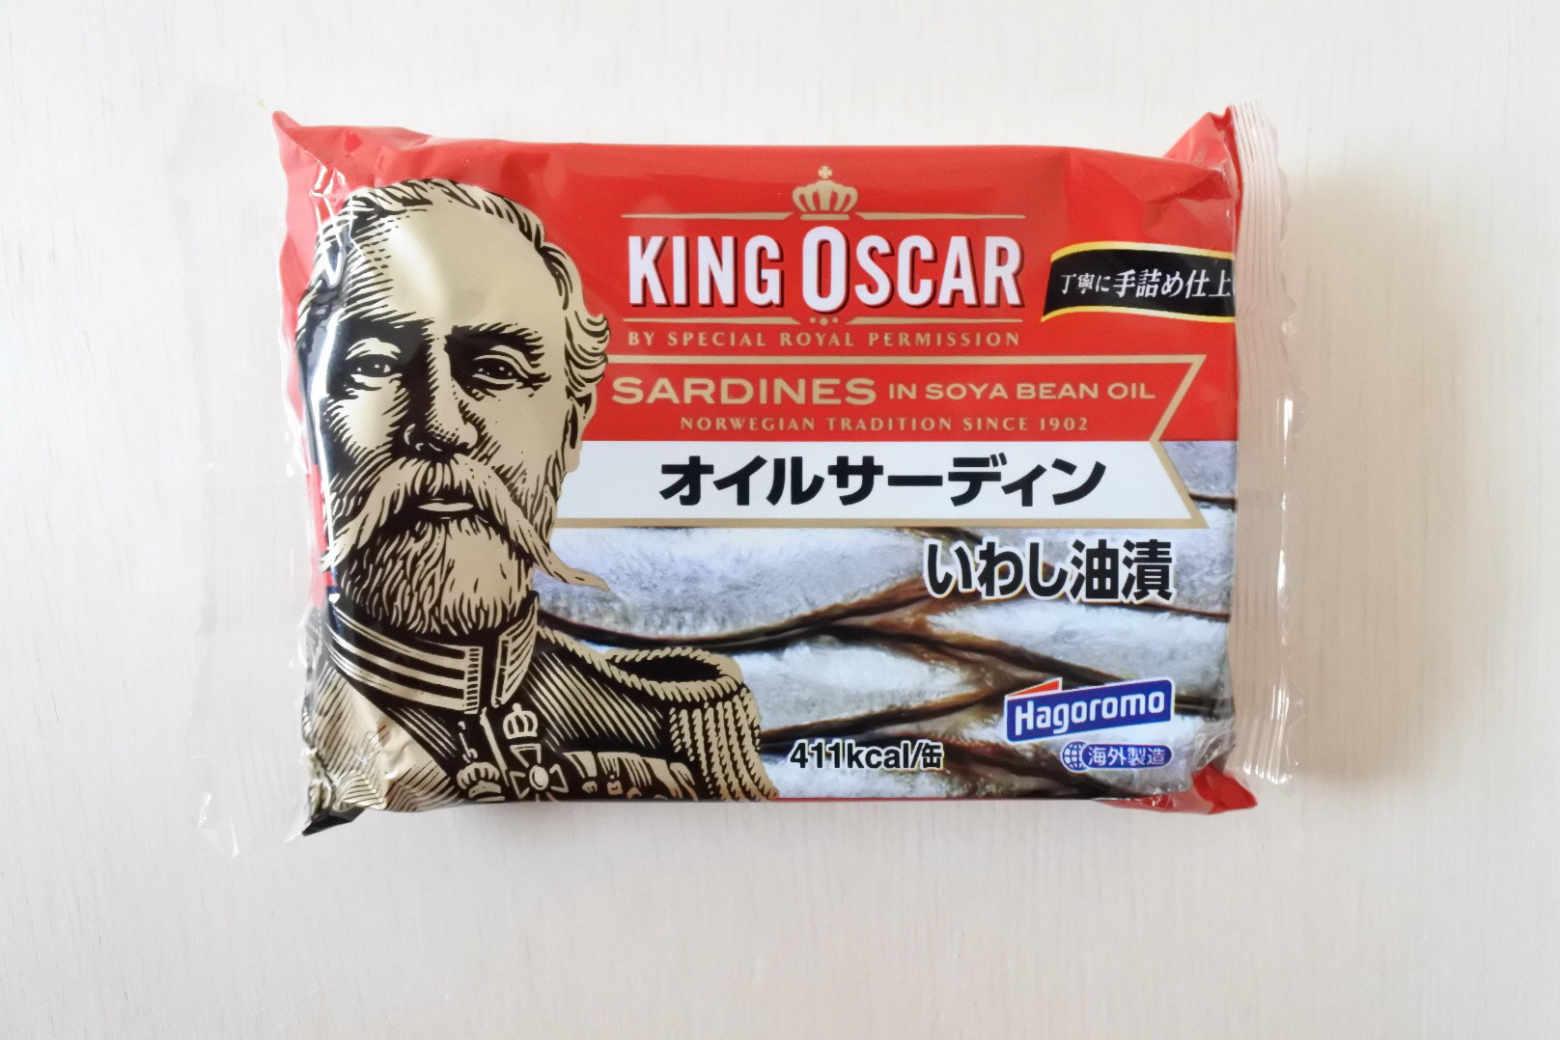 オイルサーディン:KING OSCARのいわし油漬けは、新鮮一番ゆえに大人気!【缶詰】